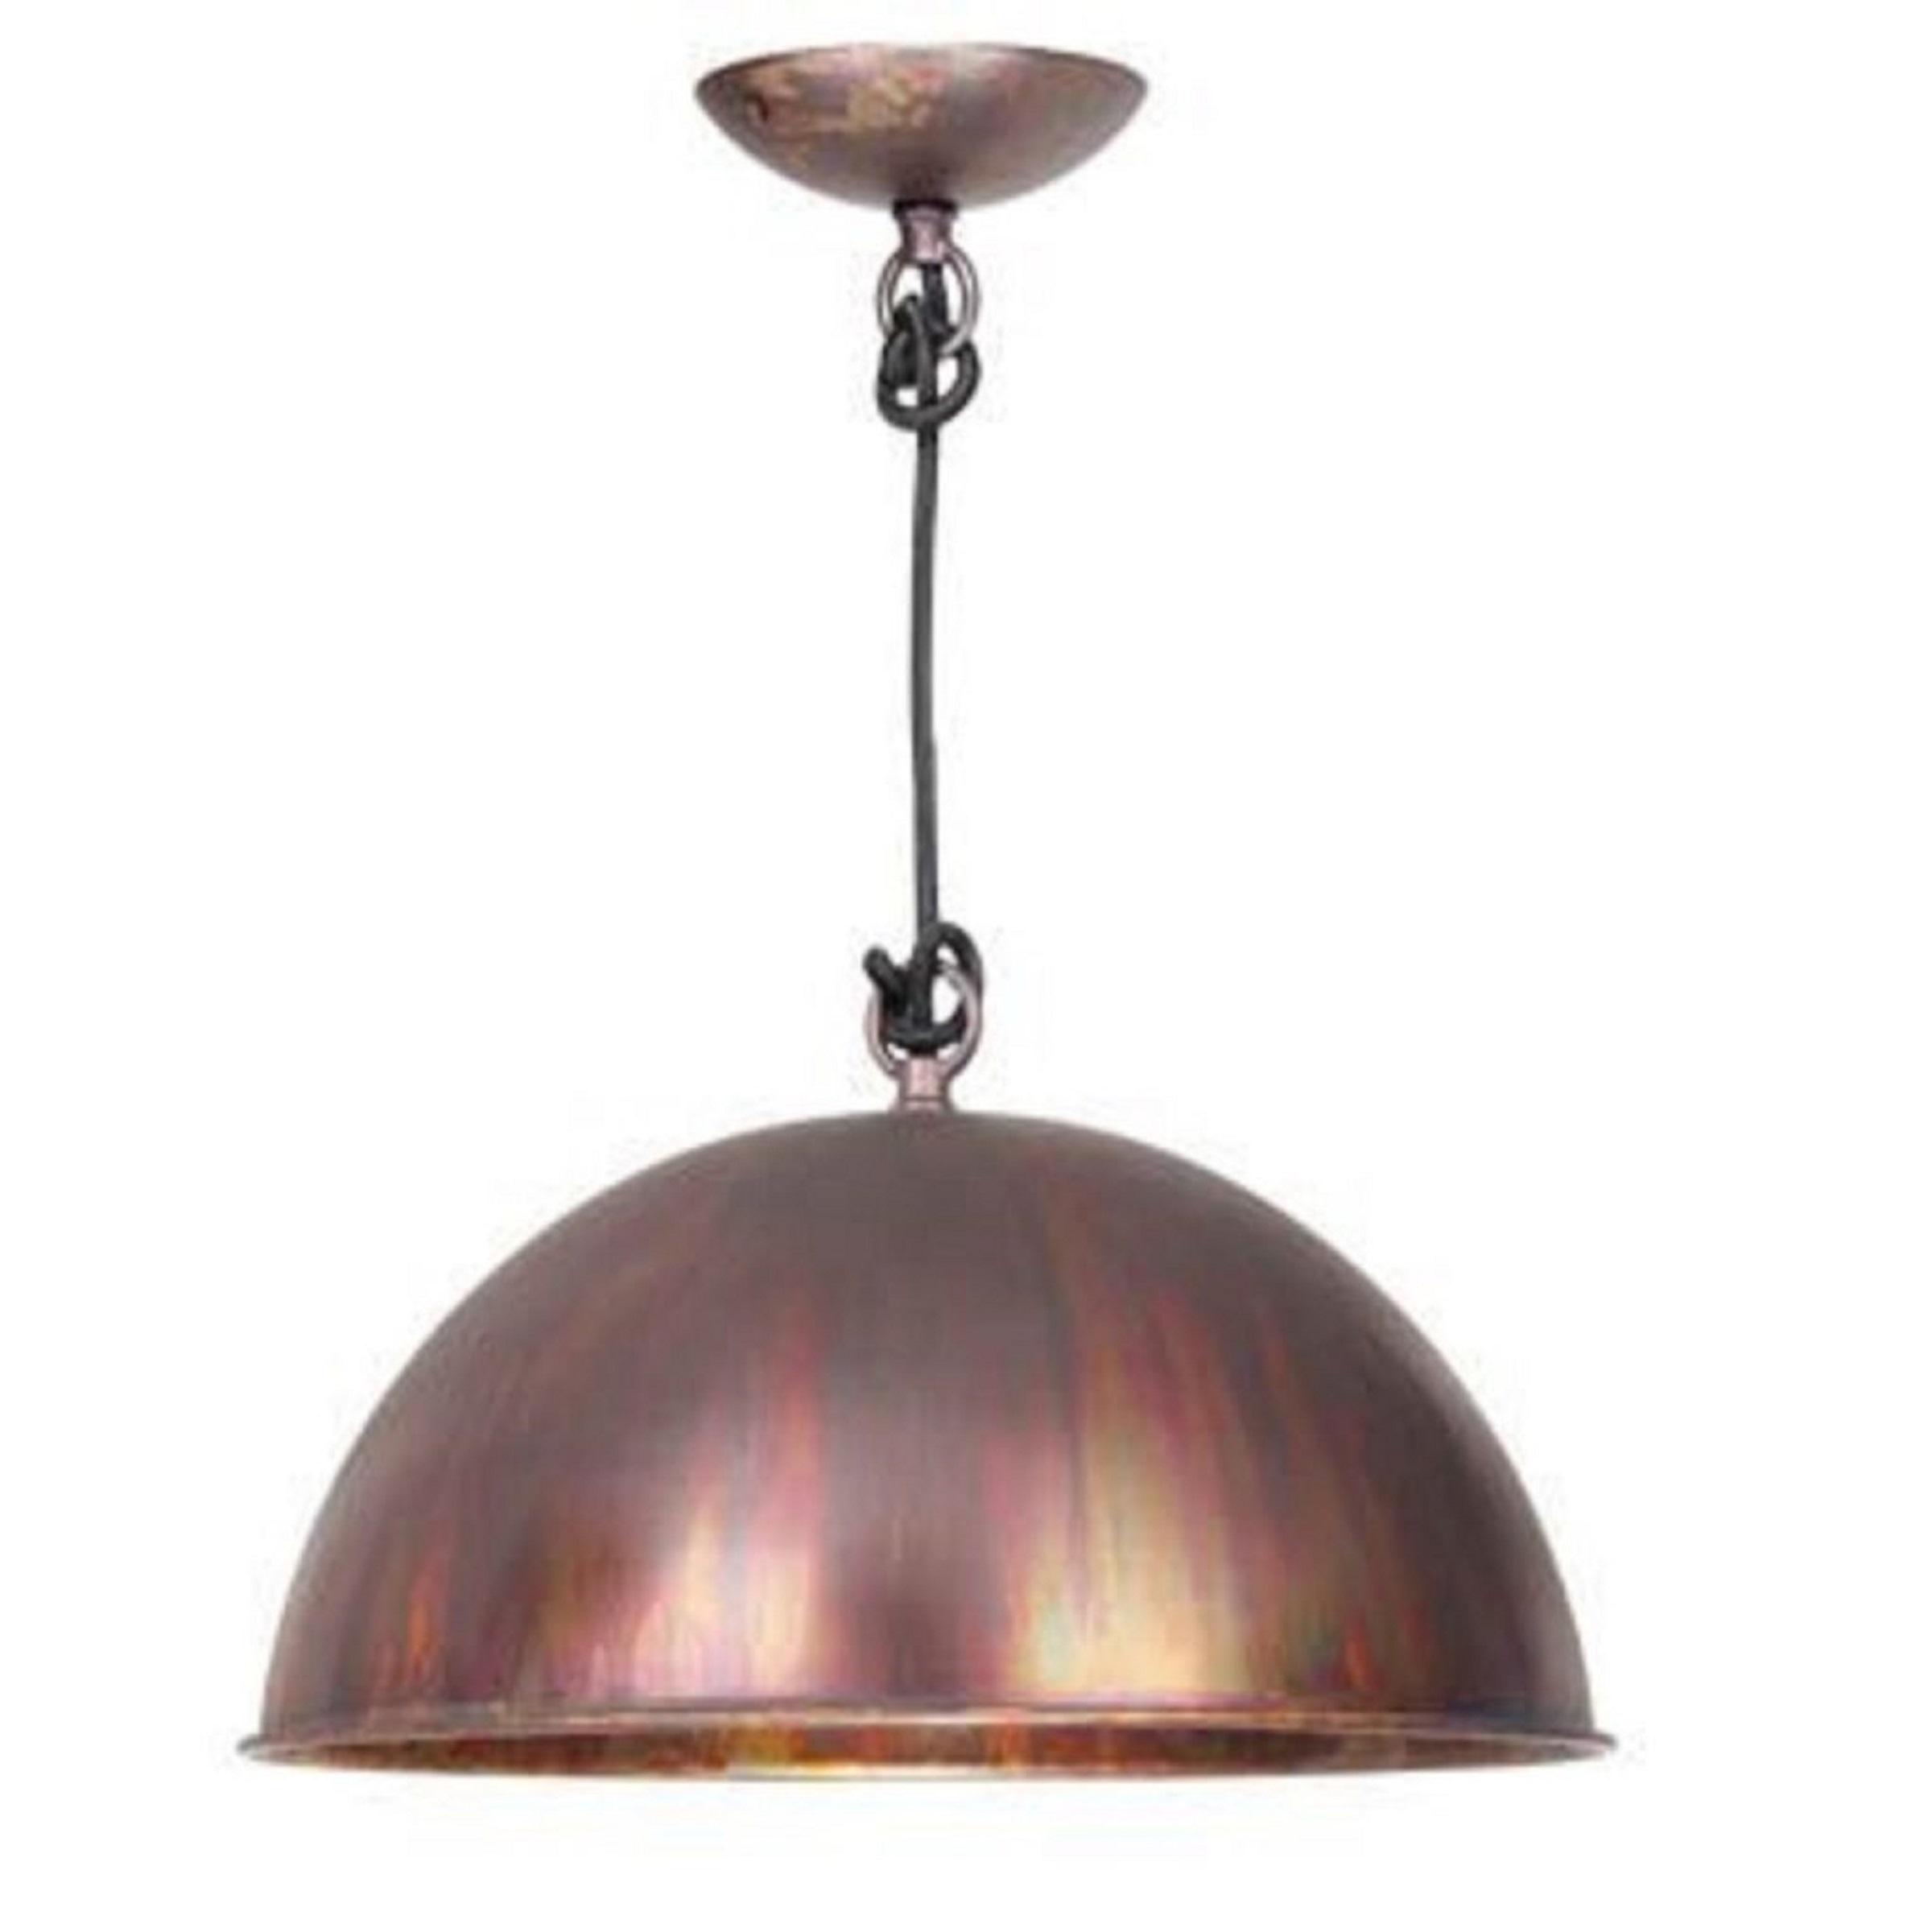 kingston acid wash industrial pendant light